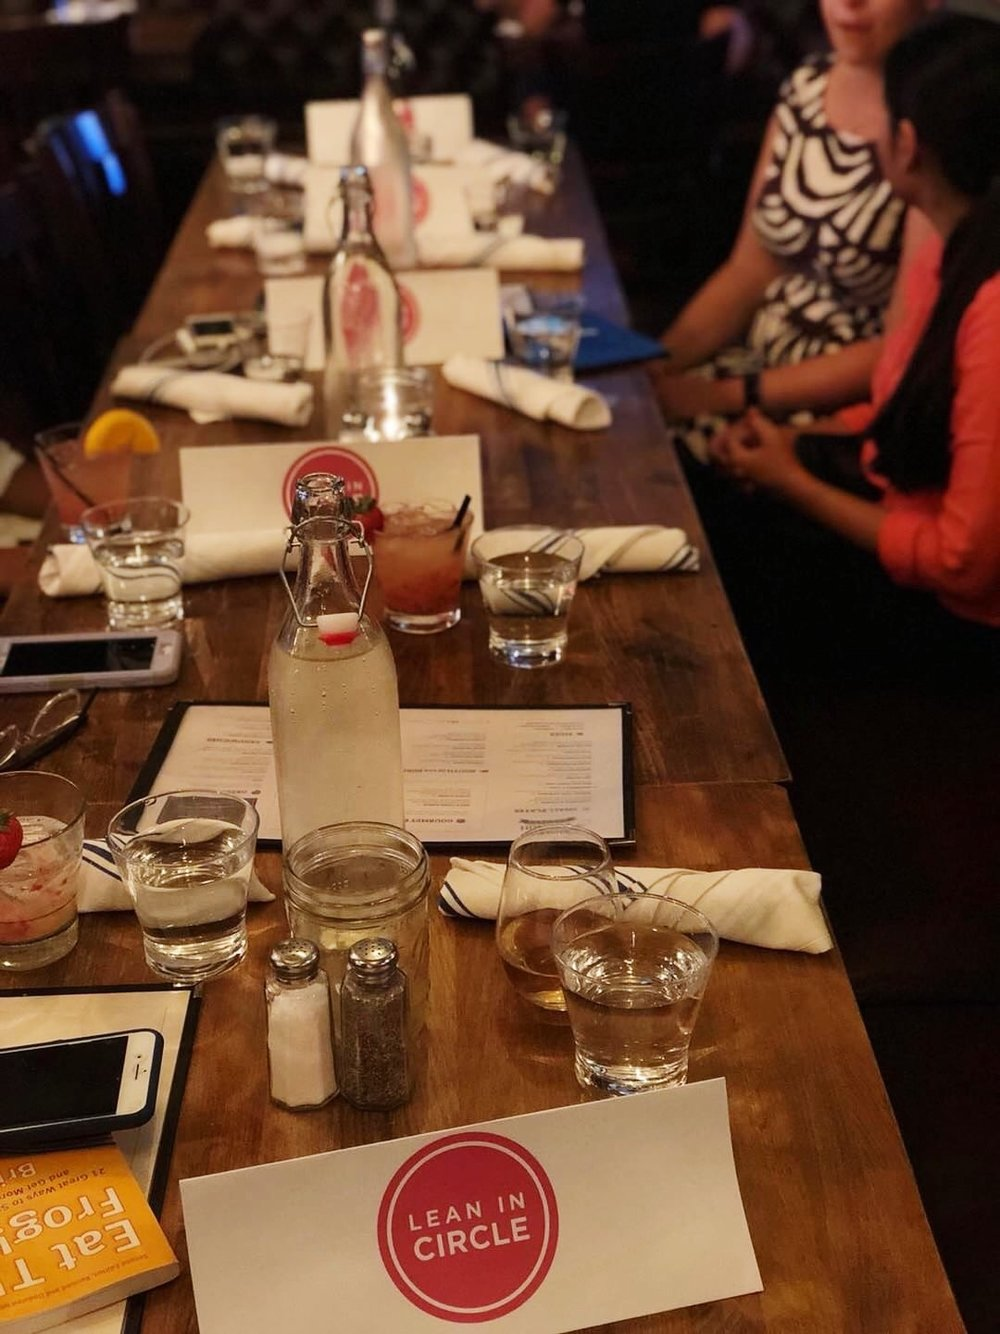 hoboken_leanin_table